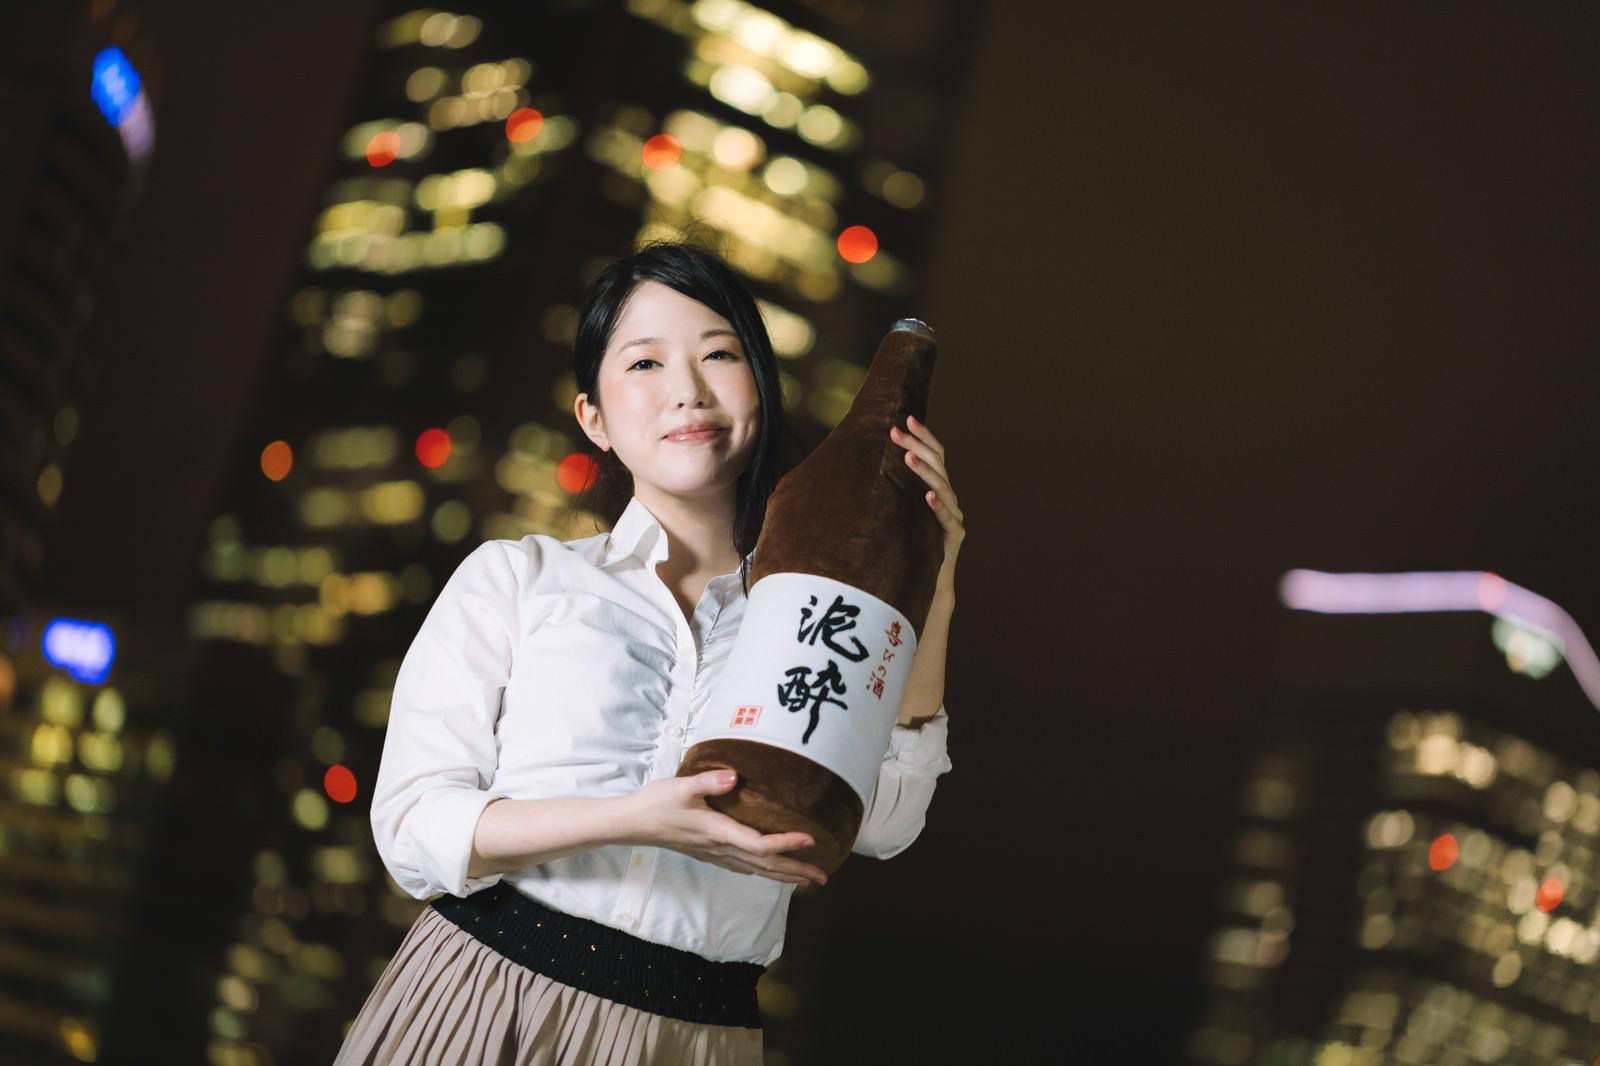 「一升瓶と夜景美女一升瓶と夜景美女」[モデル:シマヅ]のフリー写真素材を拡大